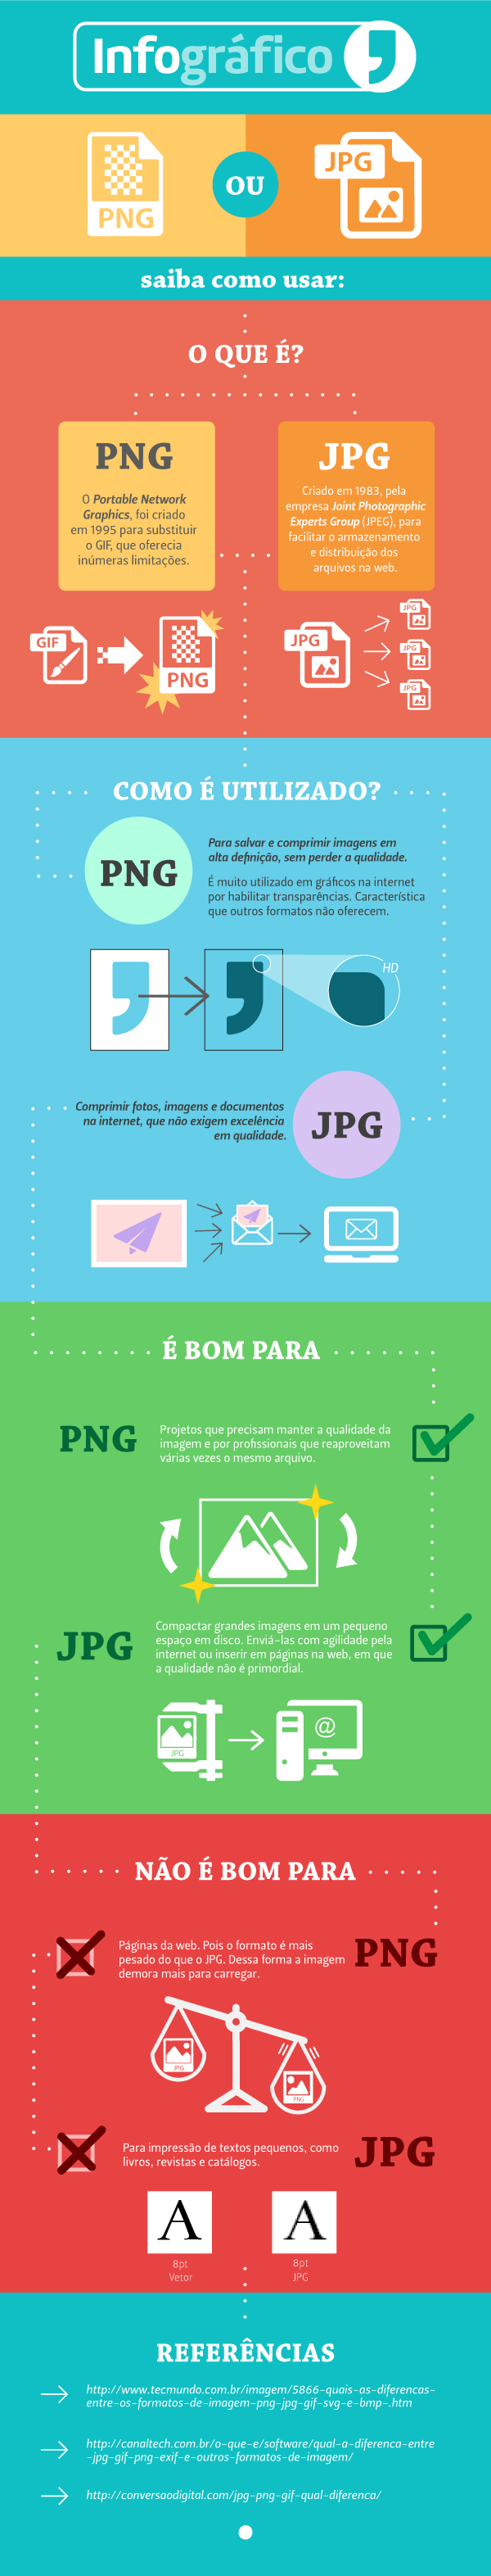 PNG ou JPG: saiba qual o formato ideal para o seu projeto ...